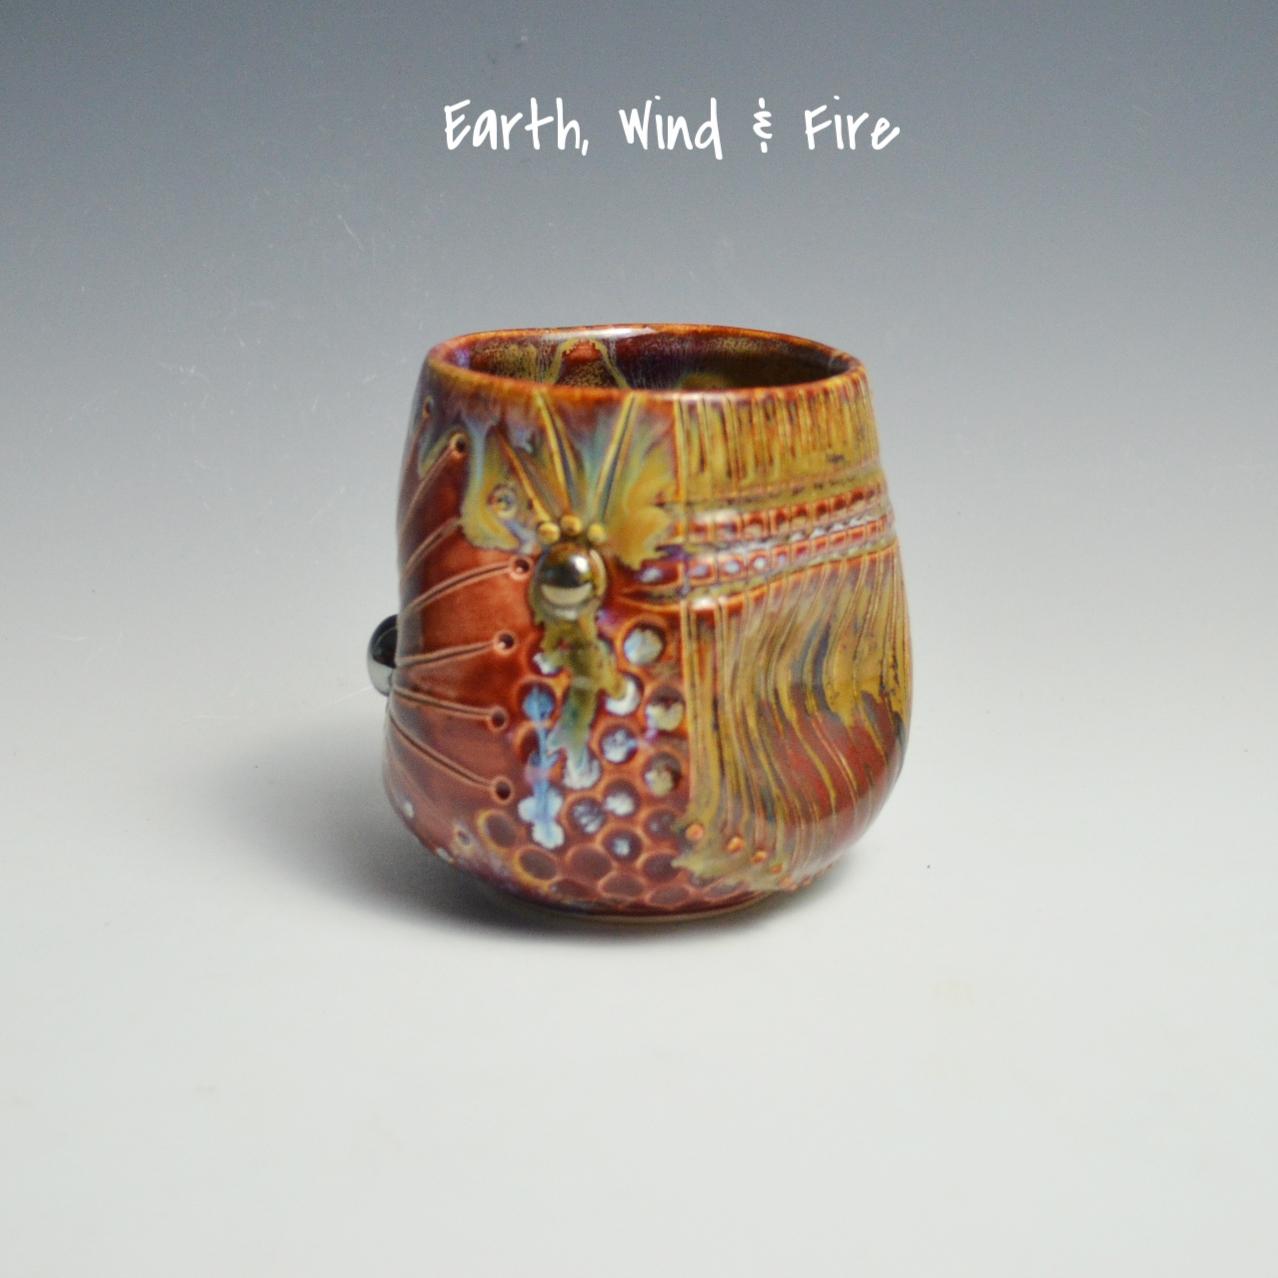 2586 - Earth Wind & Fire.JPG